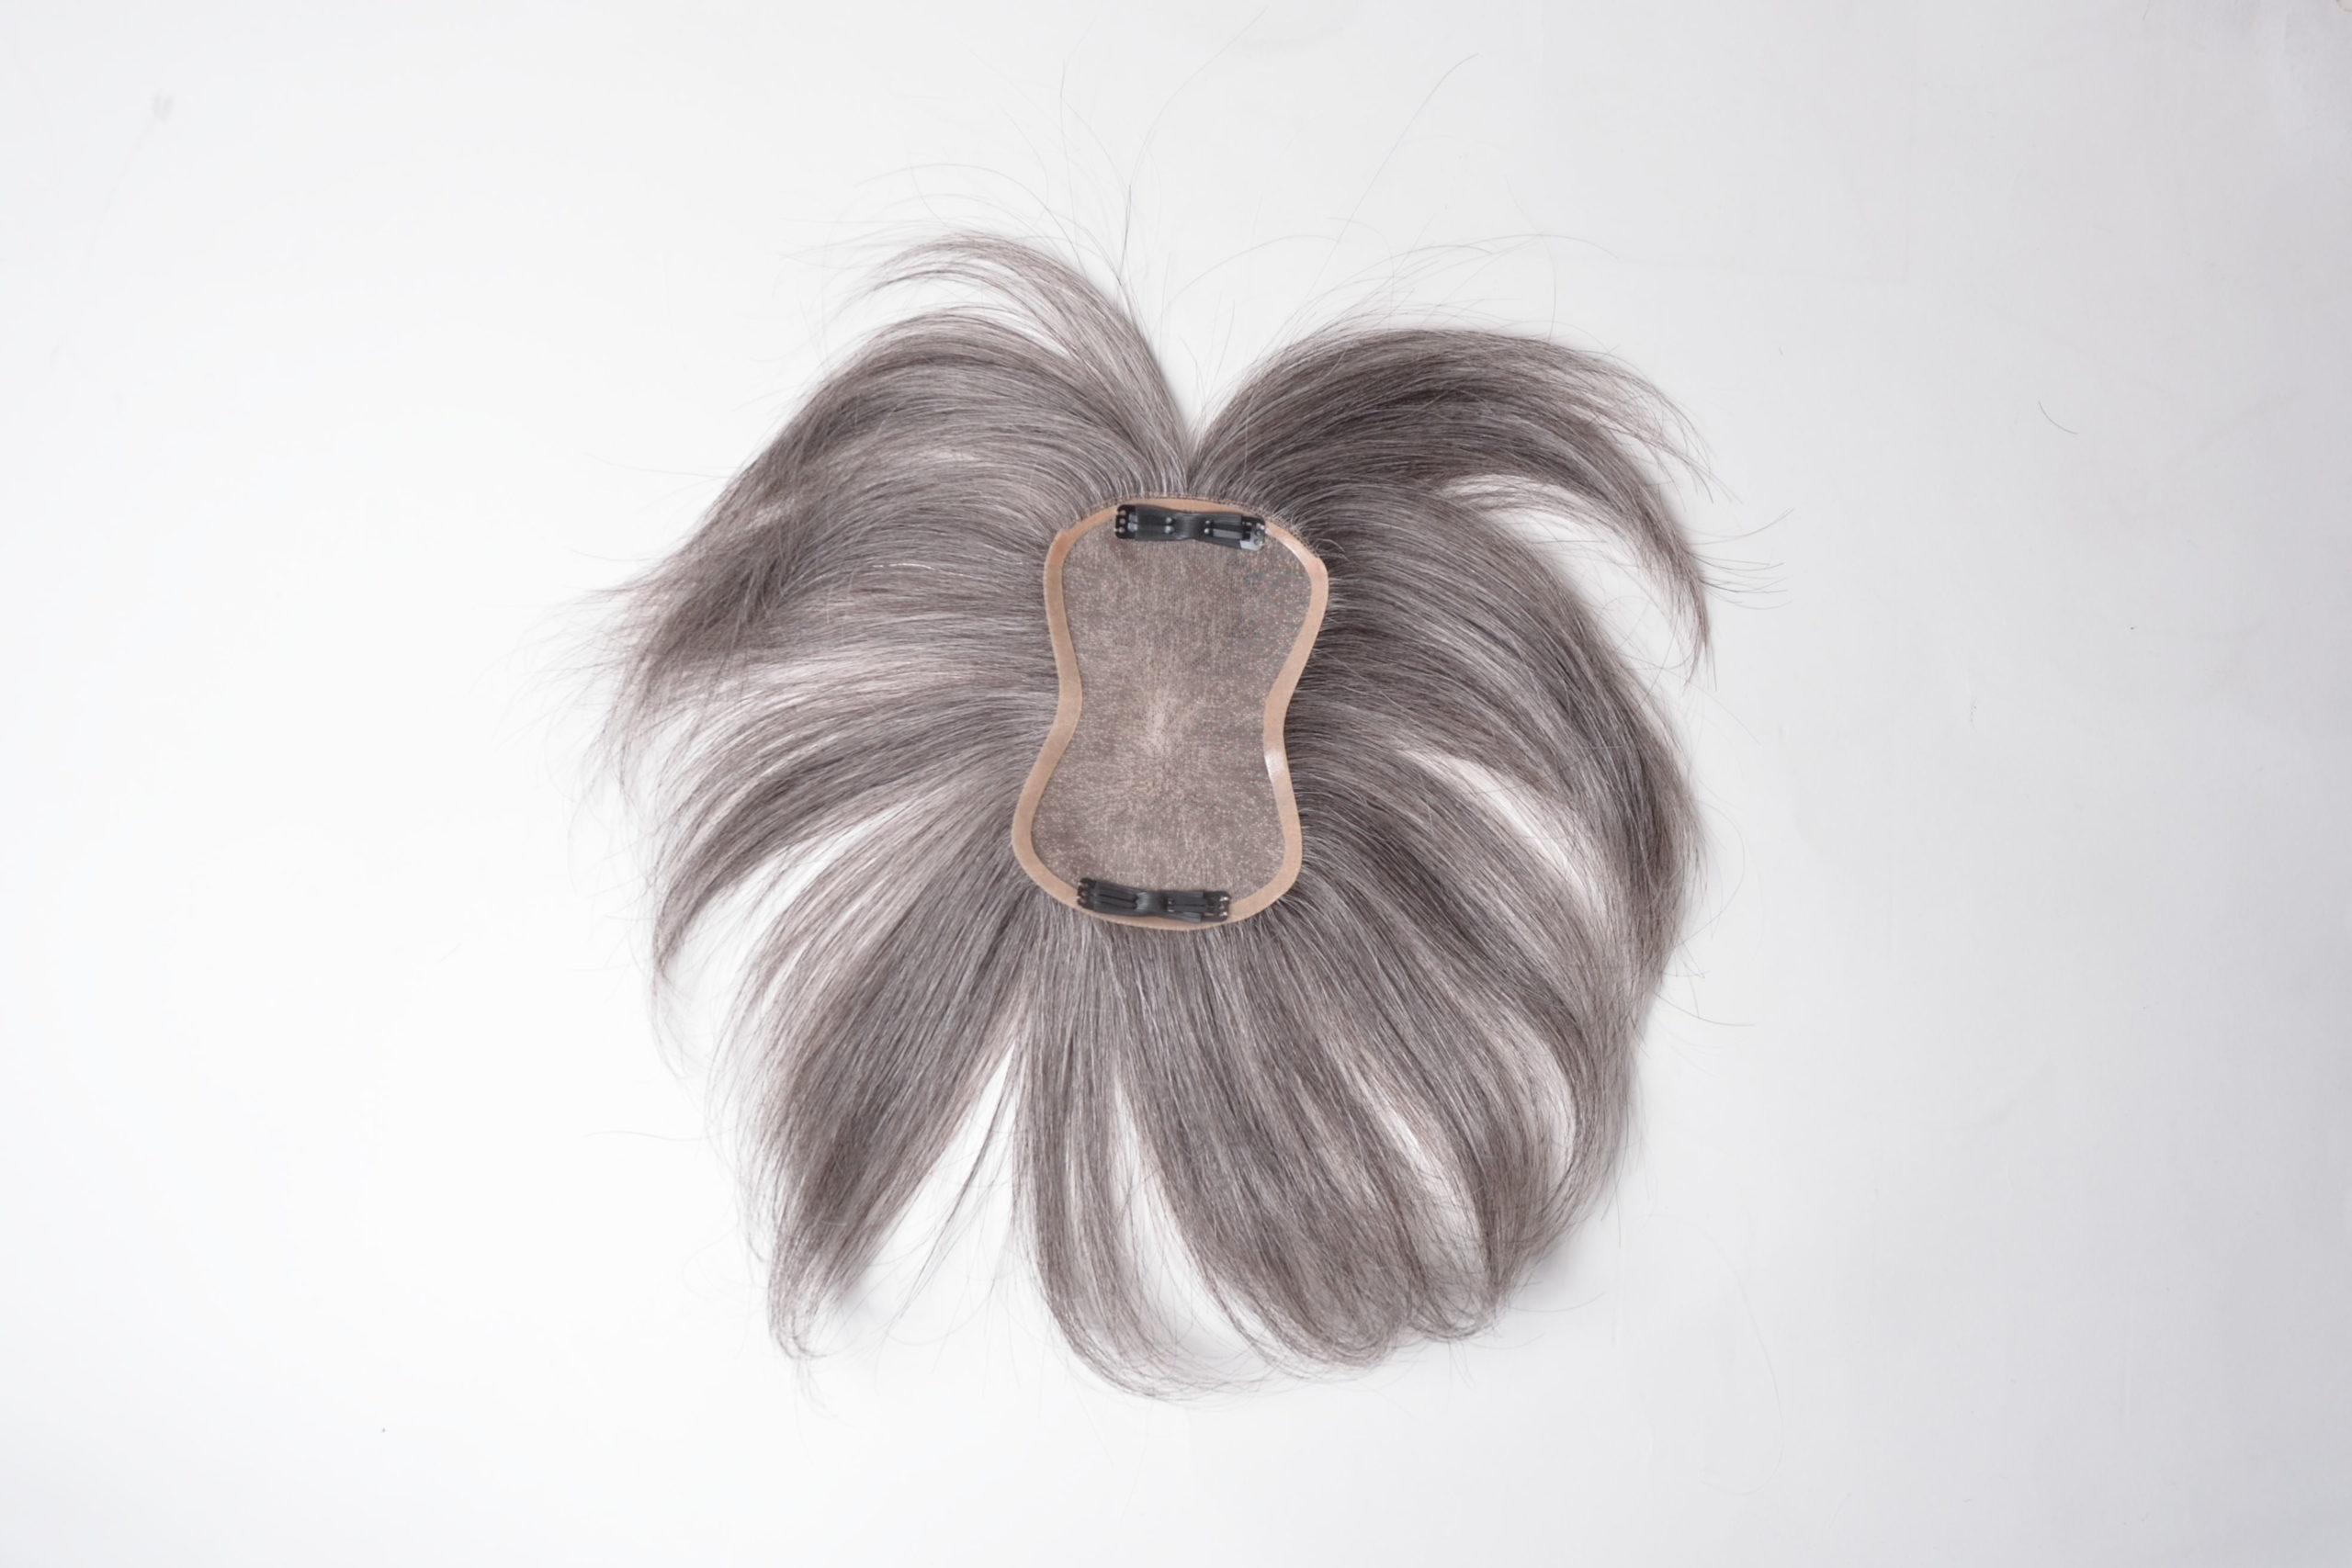 人毛白髪で作ったヘアピース